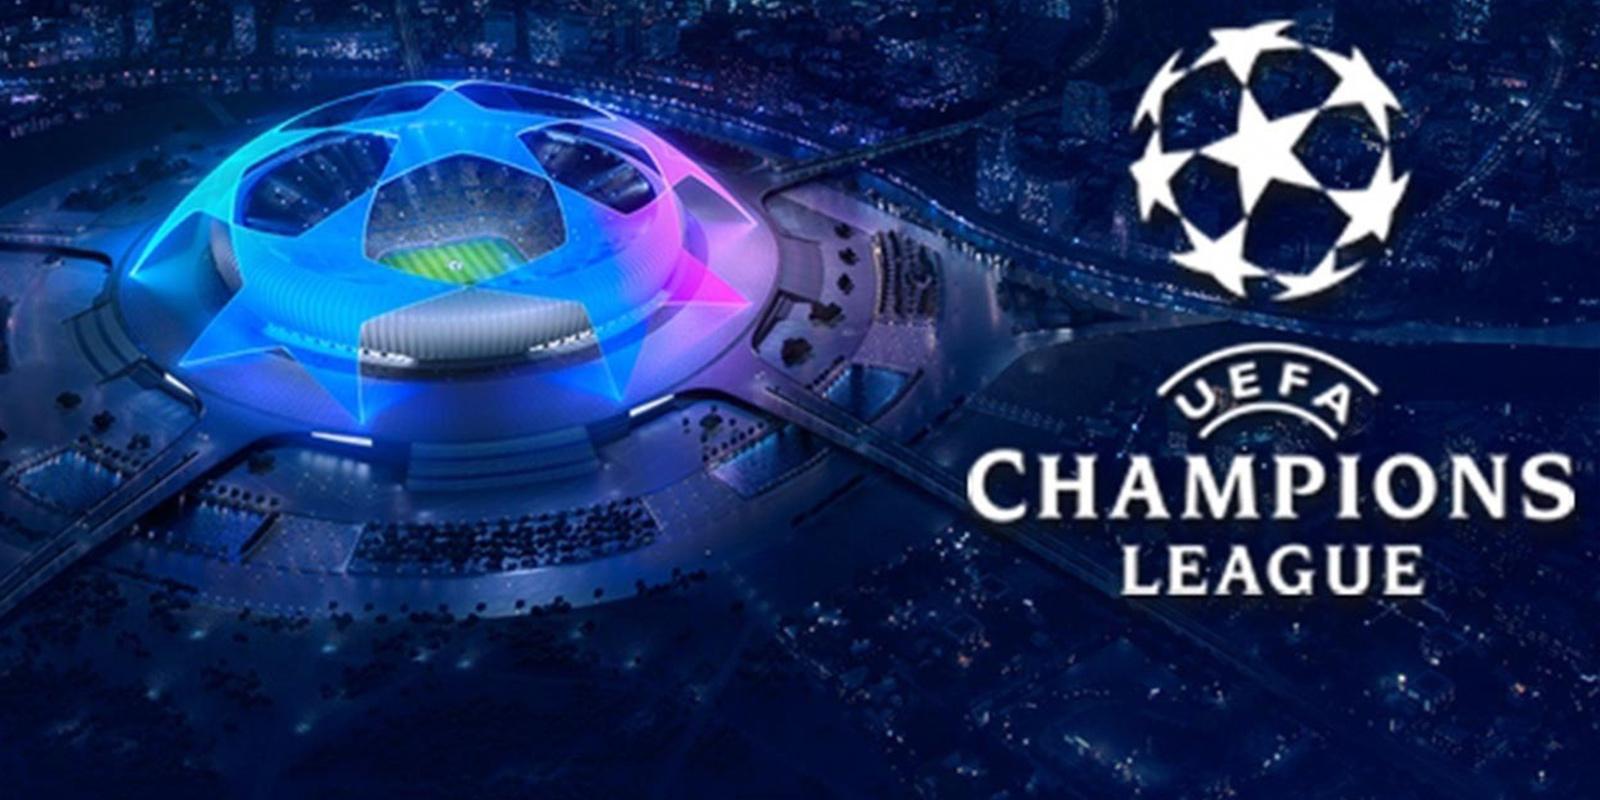 Son dakika   UEFA'dan Türkiye Cumhuriyeti'nin 100. yaş günü için jest